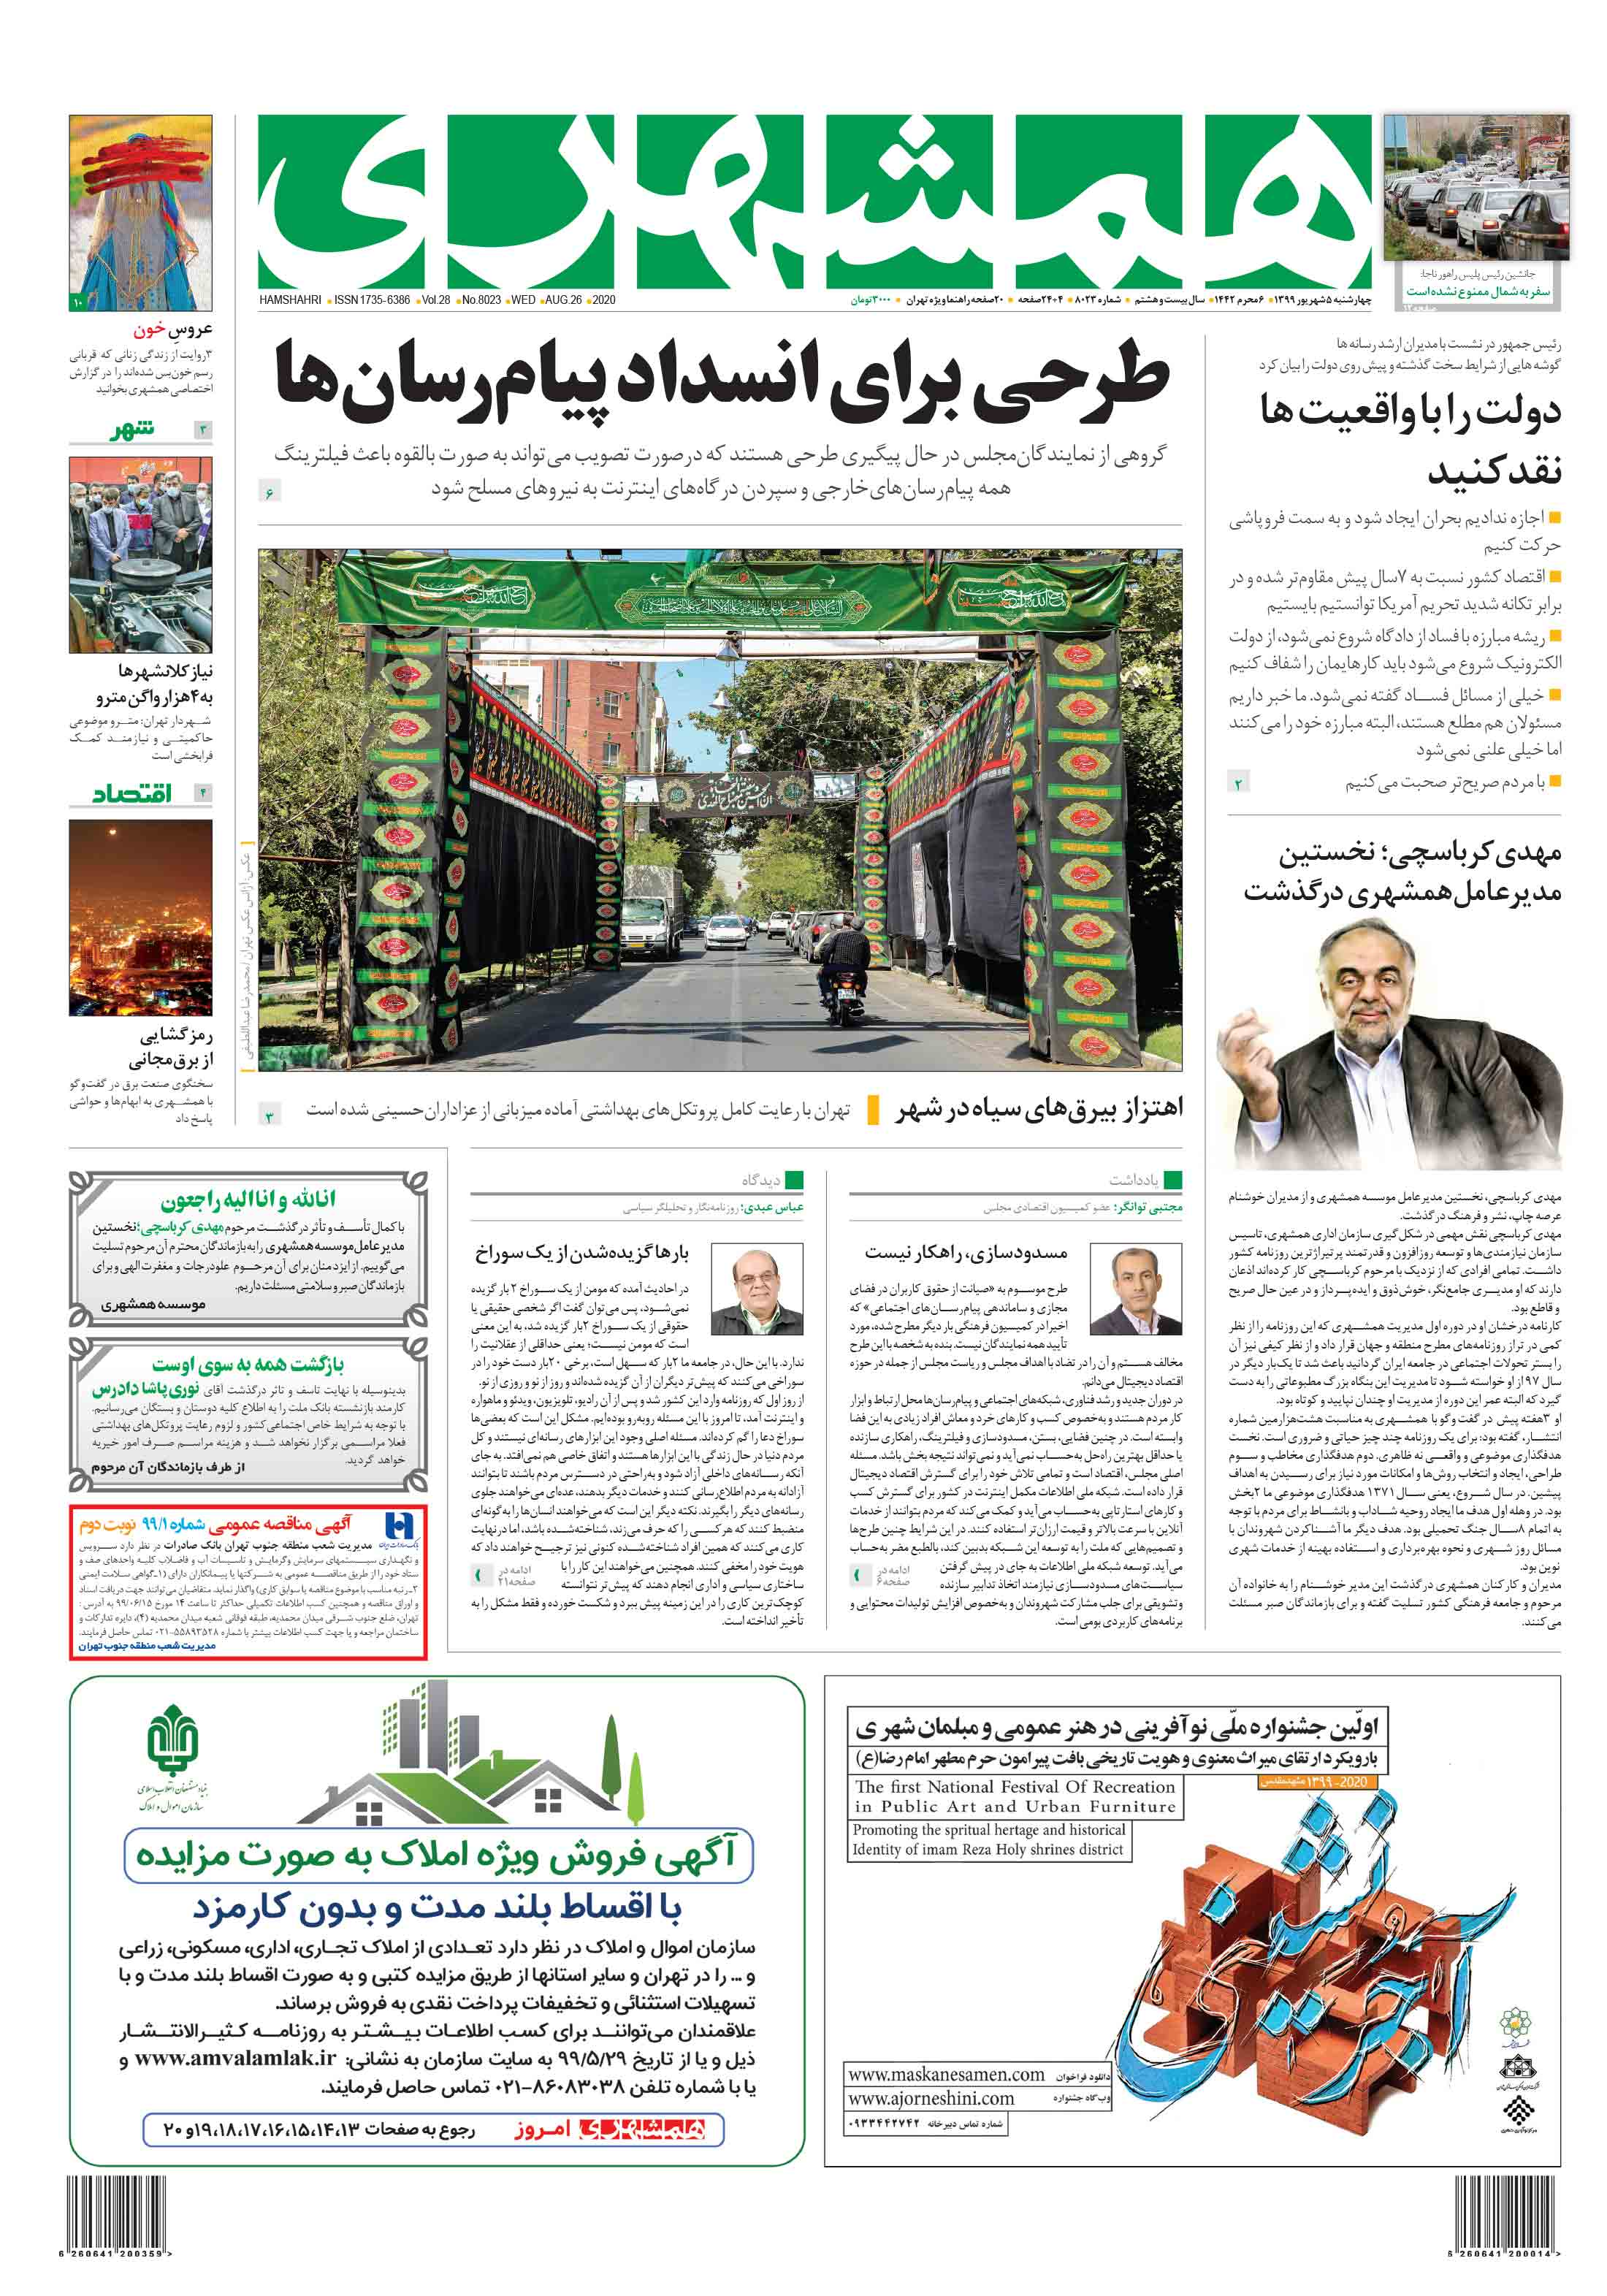 صفحه اول چهارشنبه 5 شهریور 1399